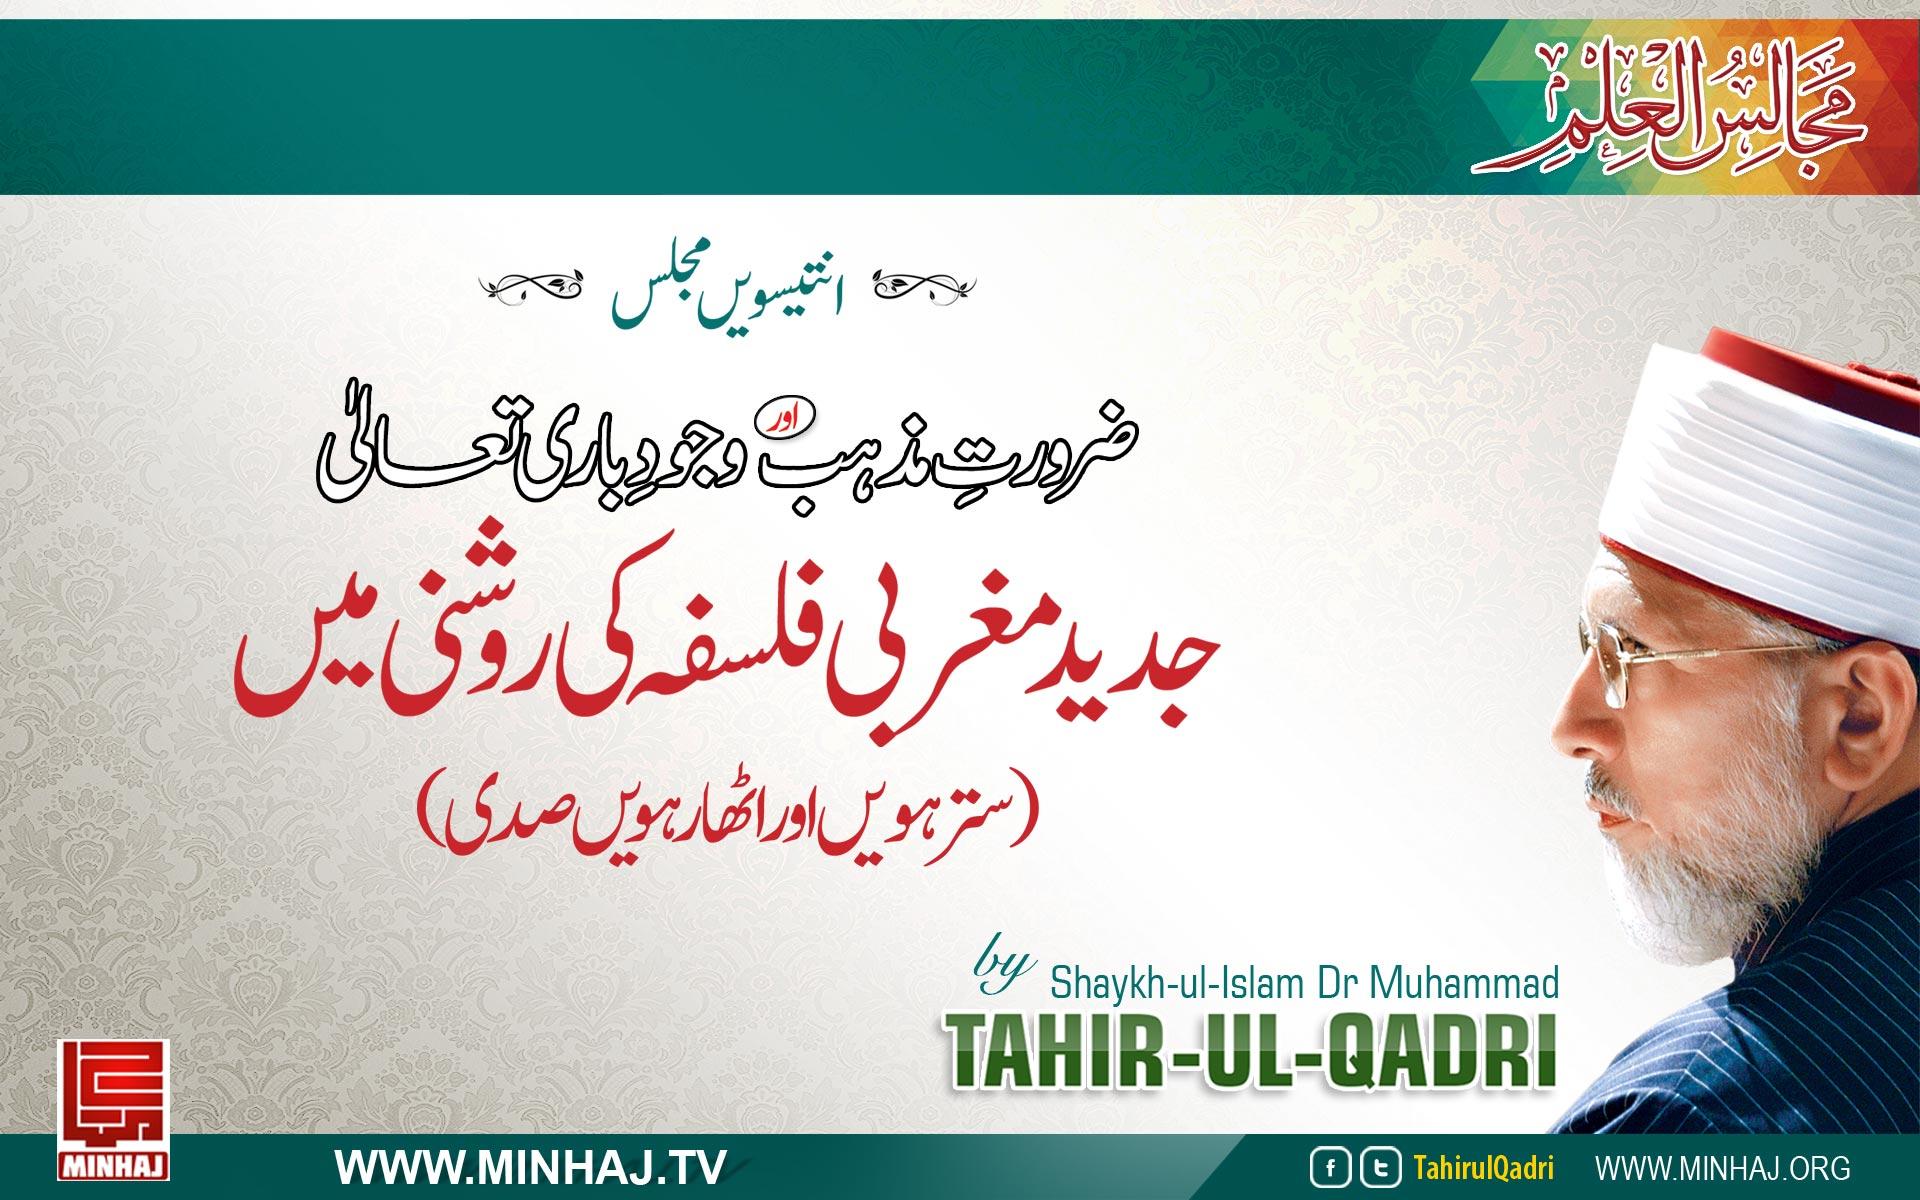 مجالس العلم 29: خطاب شیخ الاسلام ڈاکٹر محمد طاہرالقادری